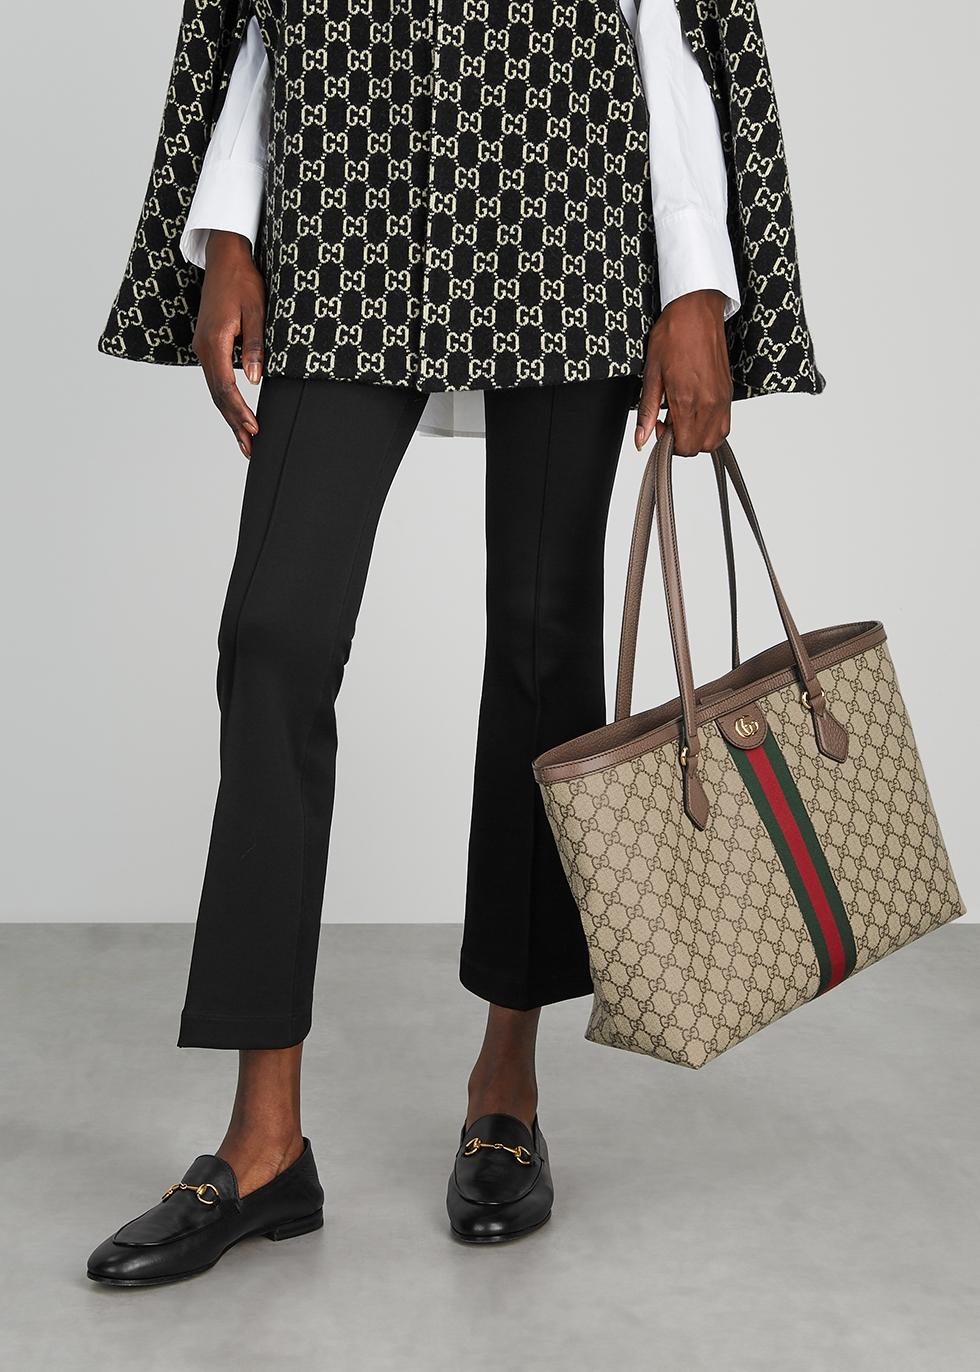 Gucci Women S Bags Harvey Nichols